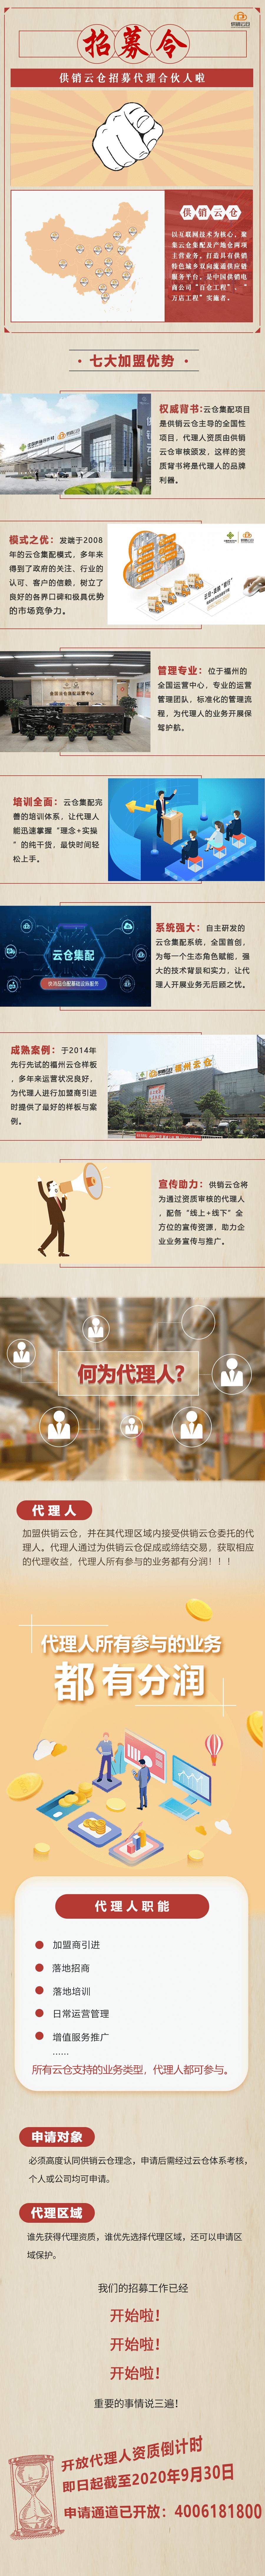 合伙人招募海报527 (1.5).png